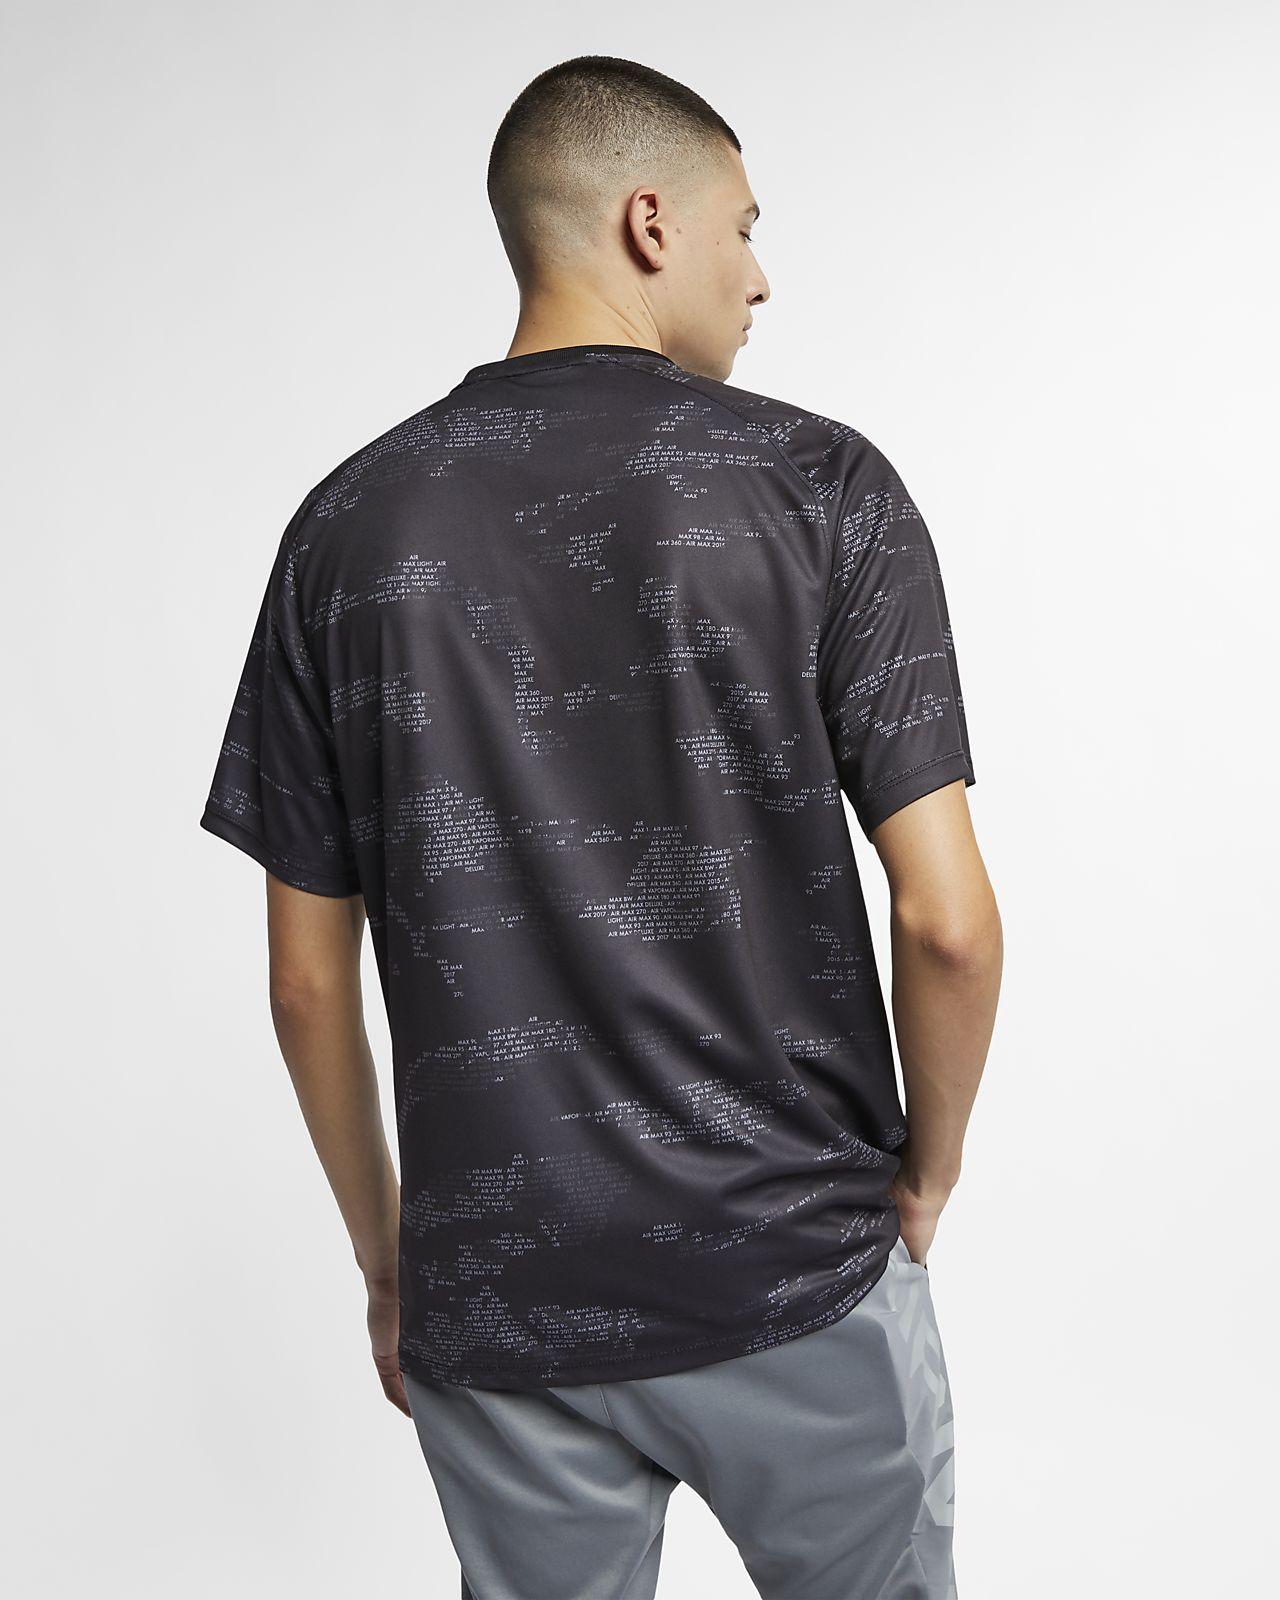 Nike Air Max Men's T Shirt